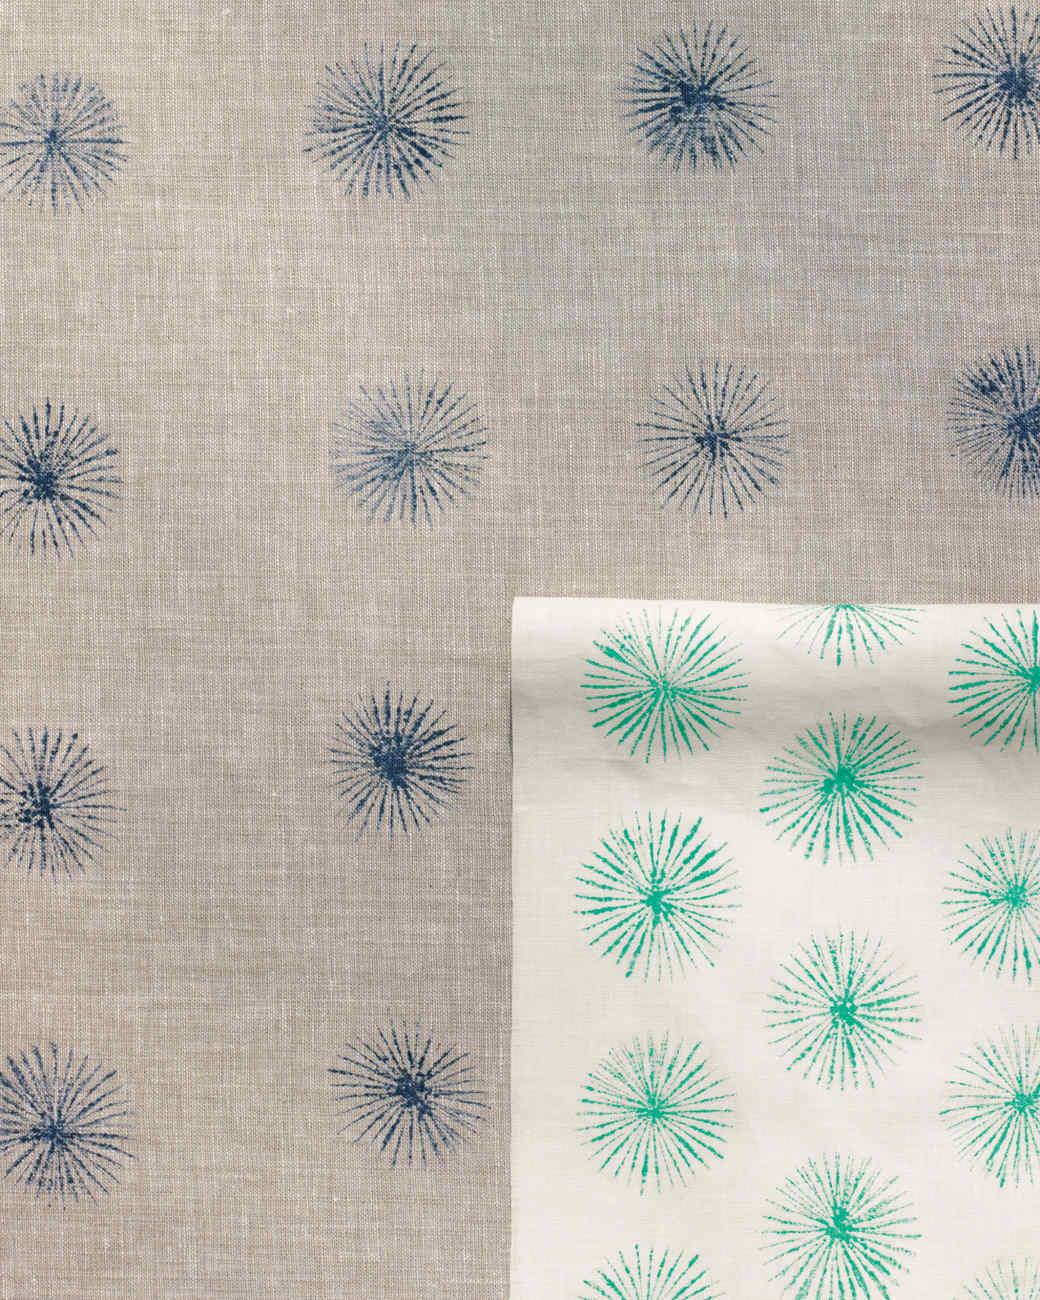 04-patterns-130-md108129.jpg